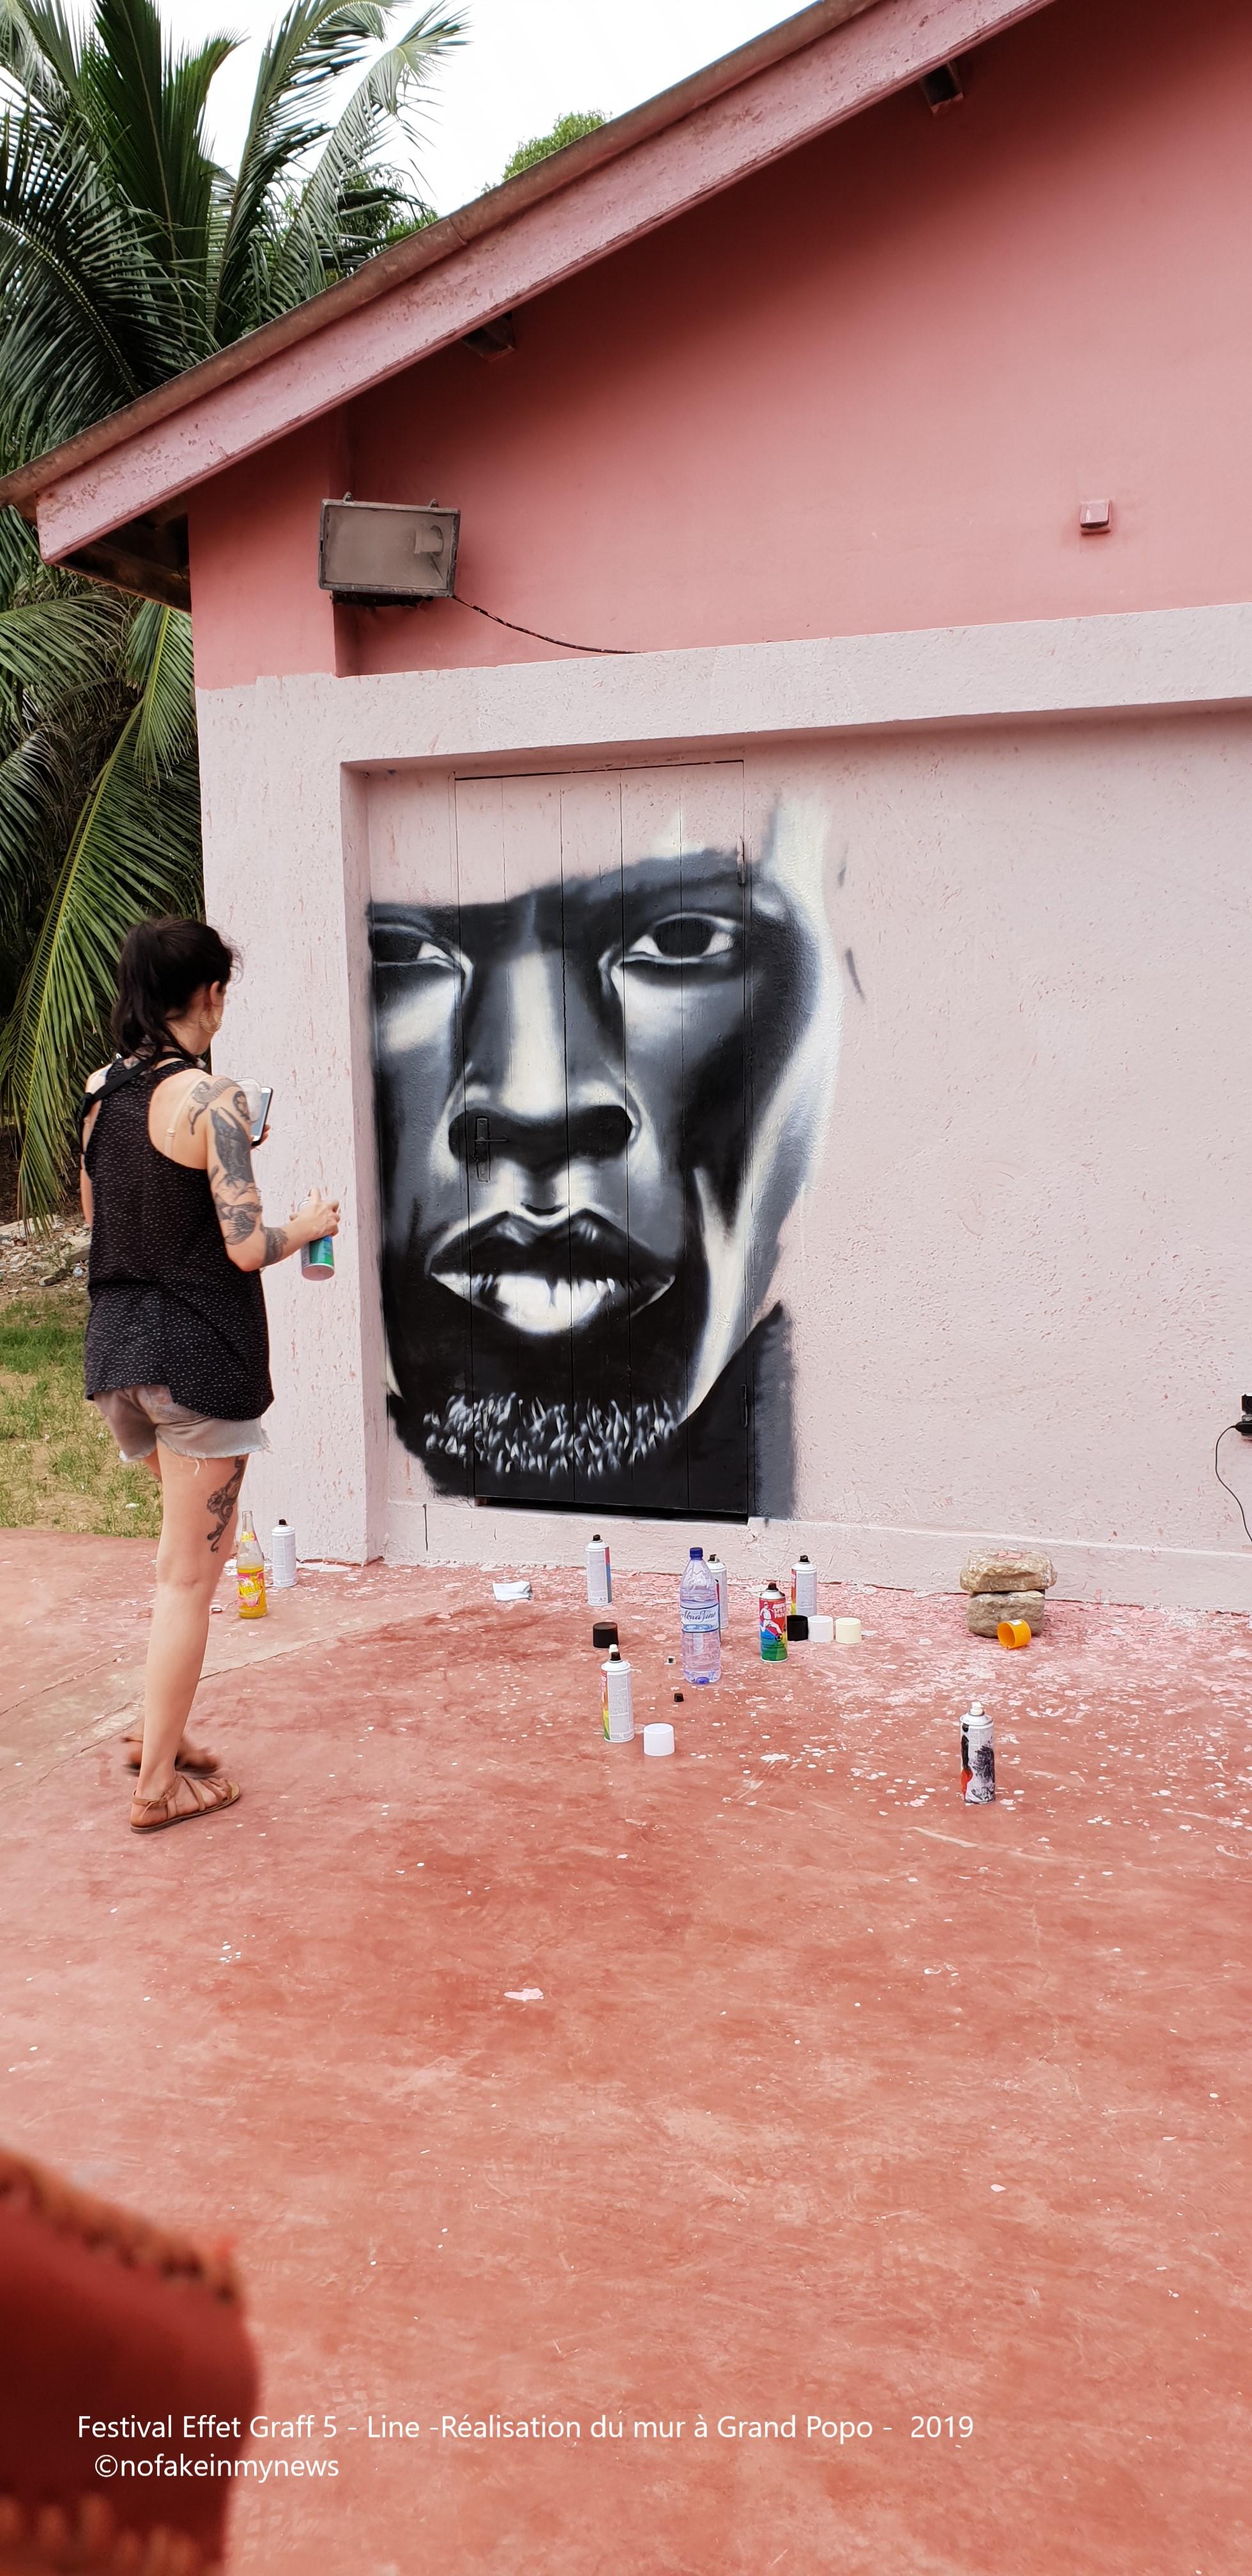 Festival Effet Graff 5 - Line -Réalisation du mur à Grand Popo - 2019 - ©nofakeinmynews